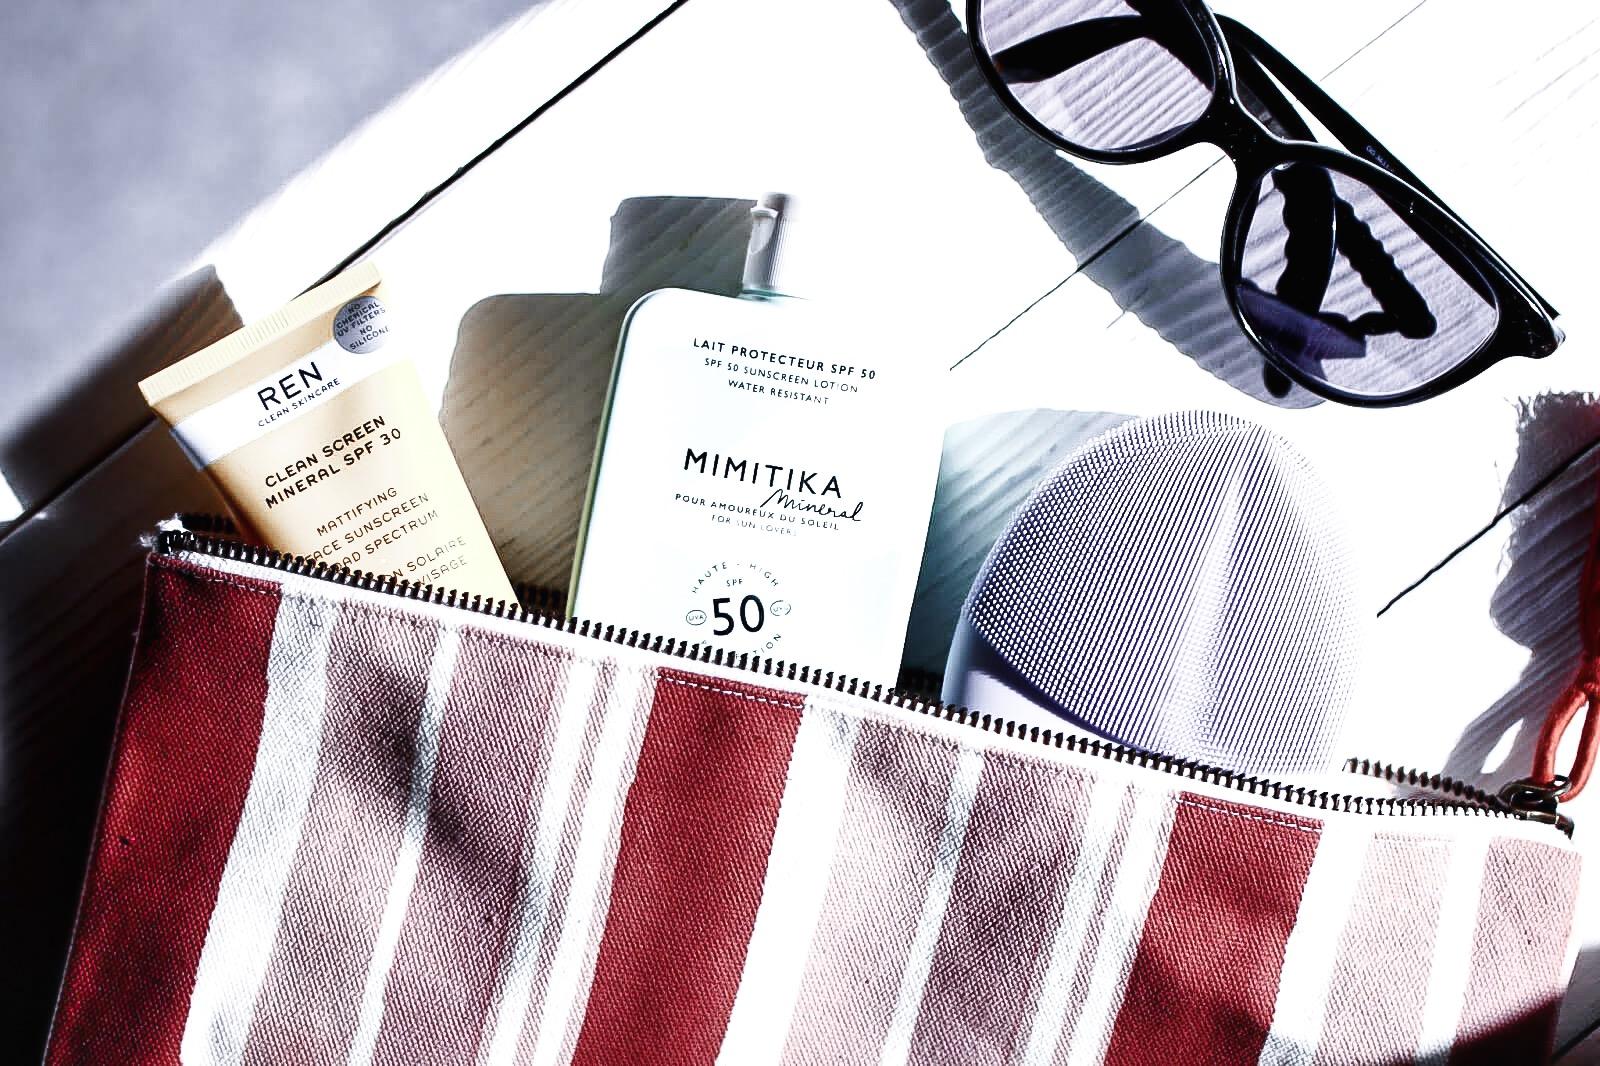 comment-eliminer-les-filtres-solaires-du-visage-nettoyage-de-peau